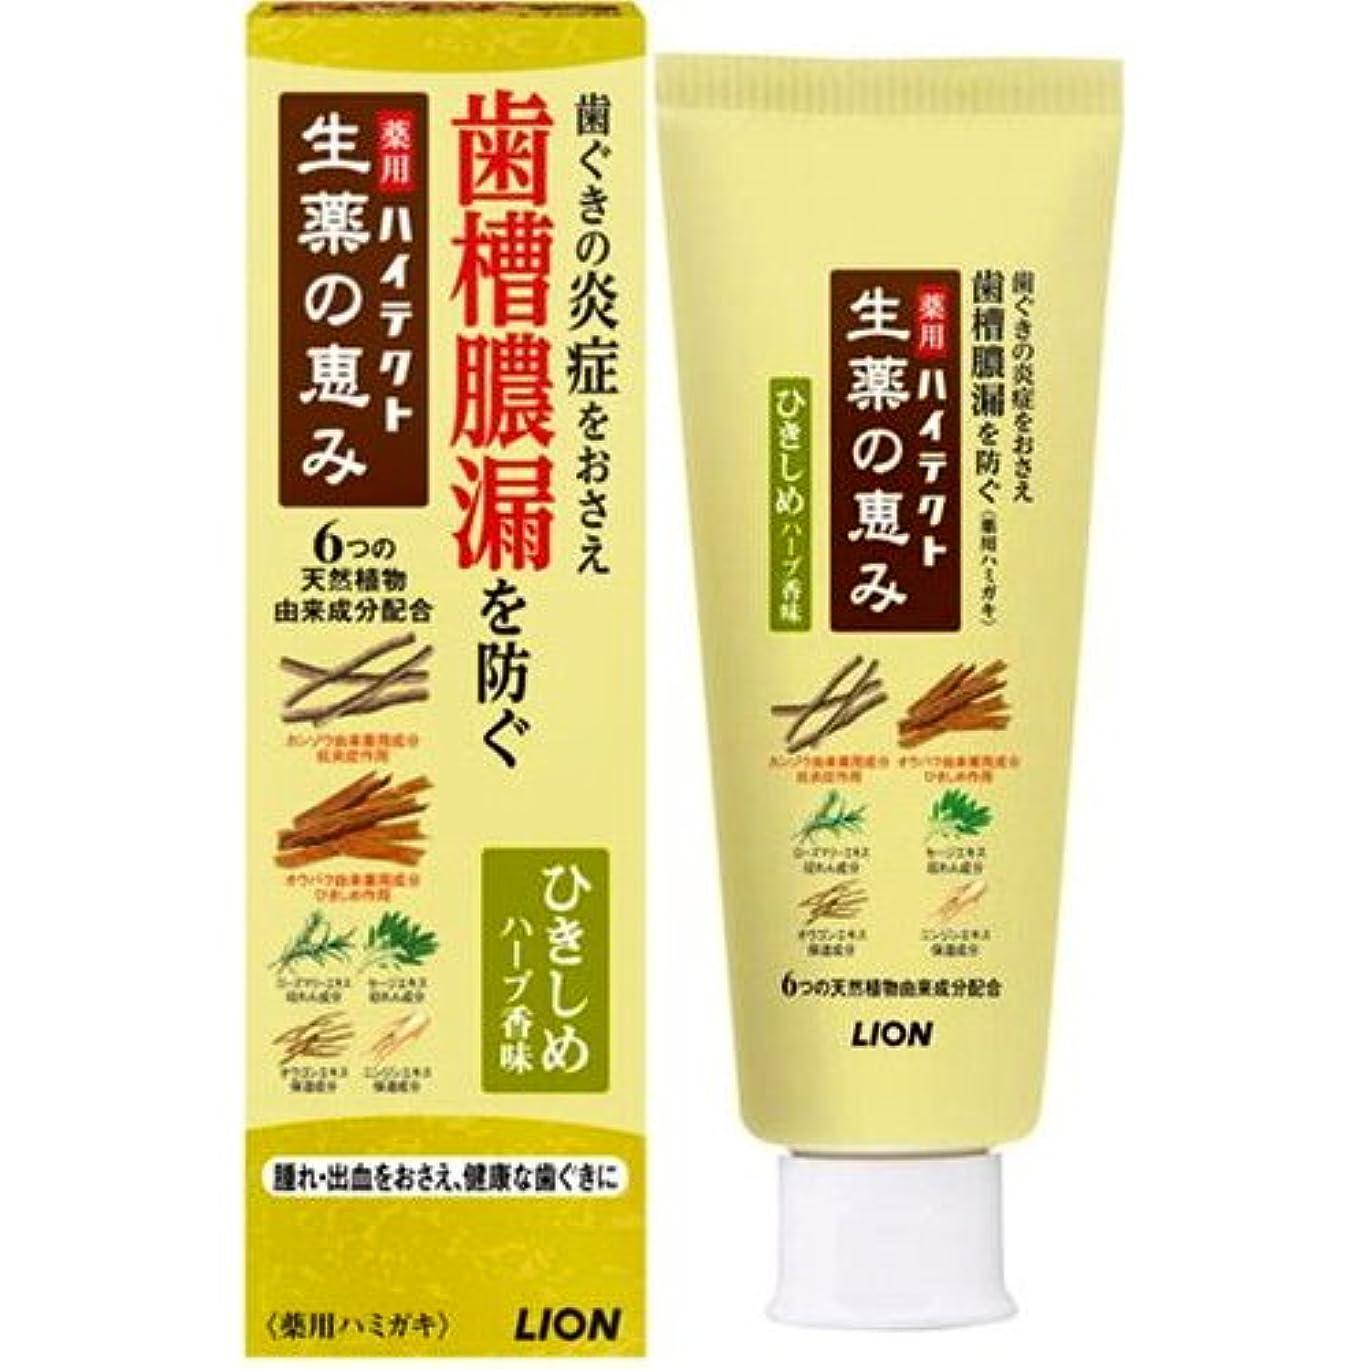 専門誠意必須【ライオン】ハイテクト 生薬の恵み ひきしめハーブ香味 90g ×3個セット